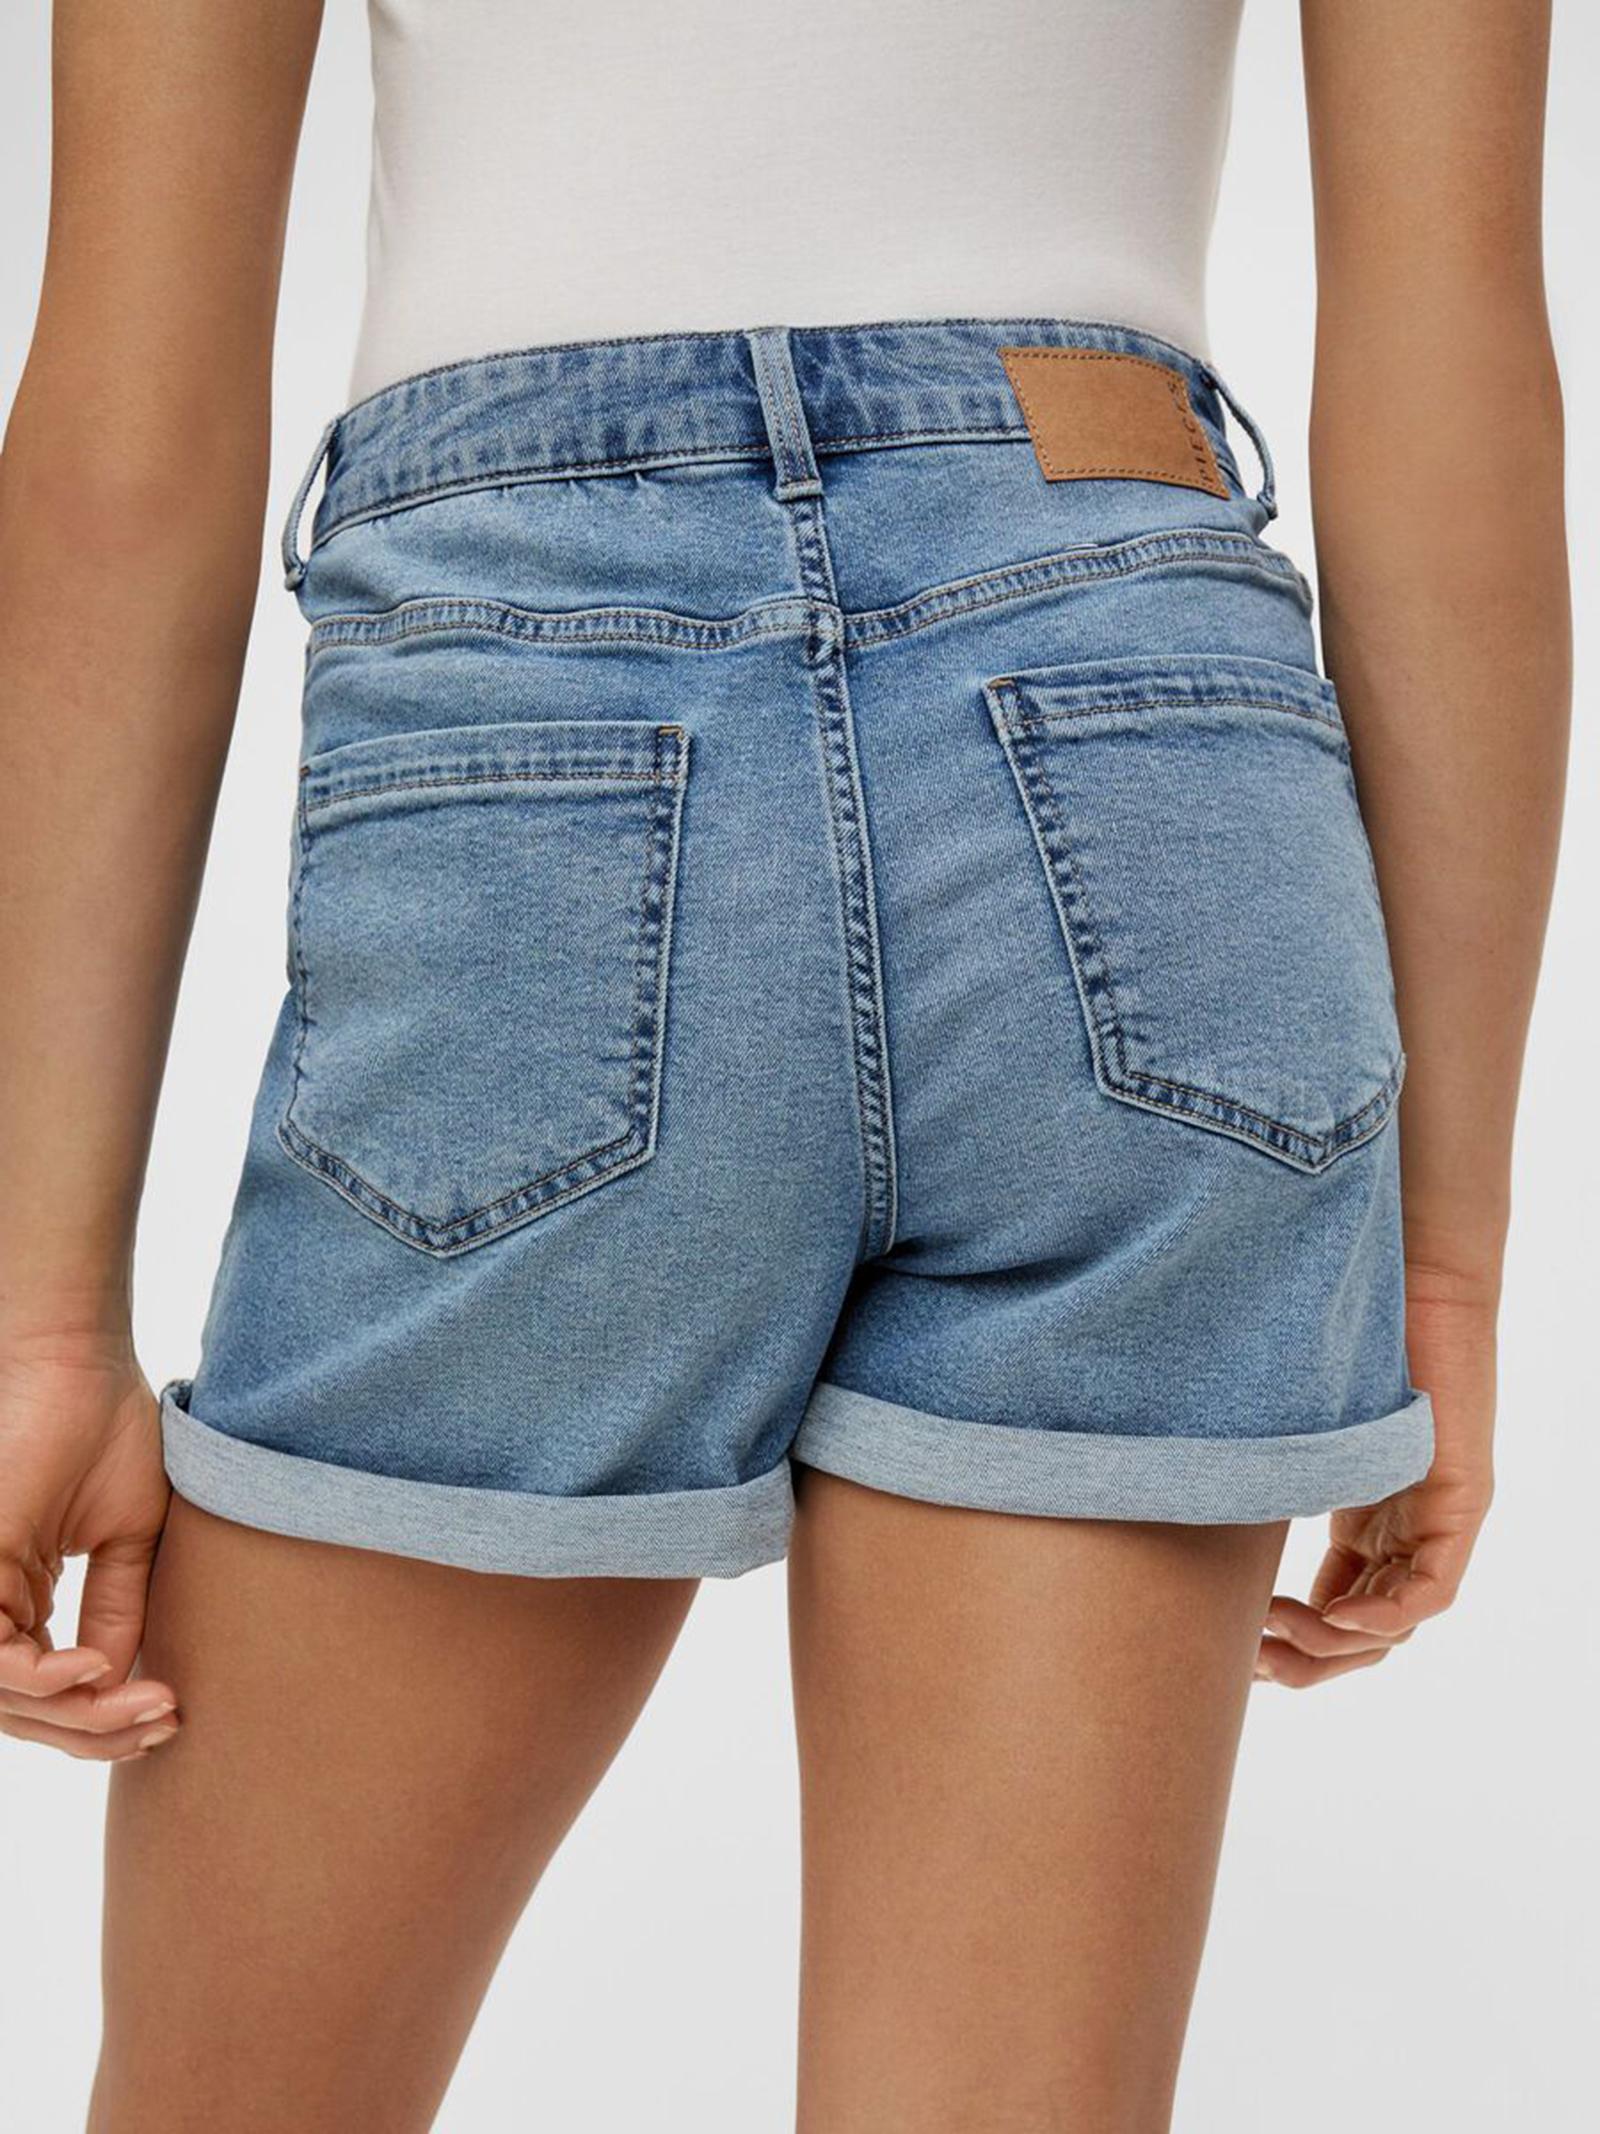 Short PIECES | Shorts | 17111119JEANS